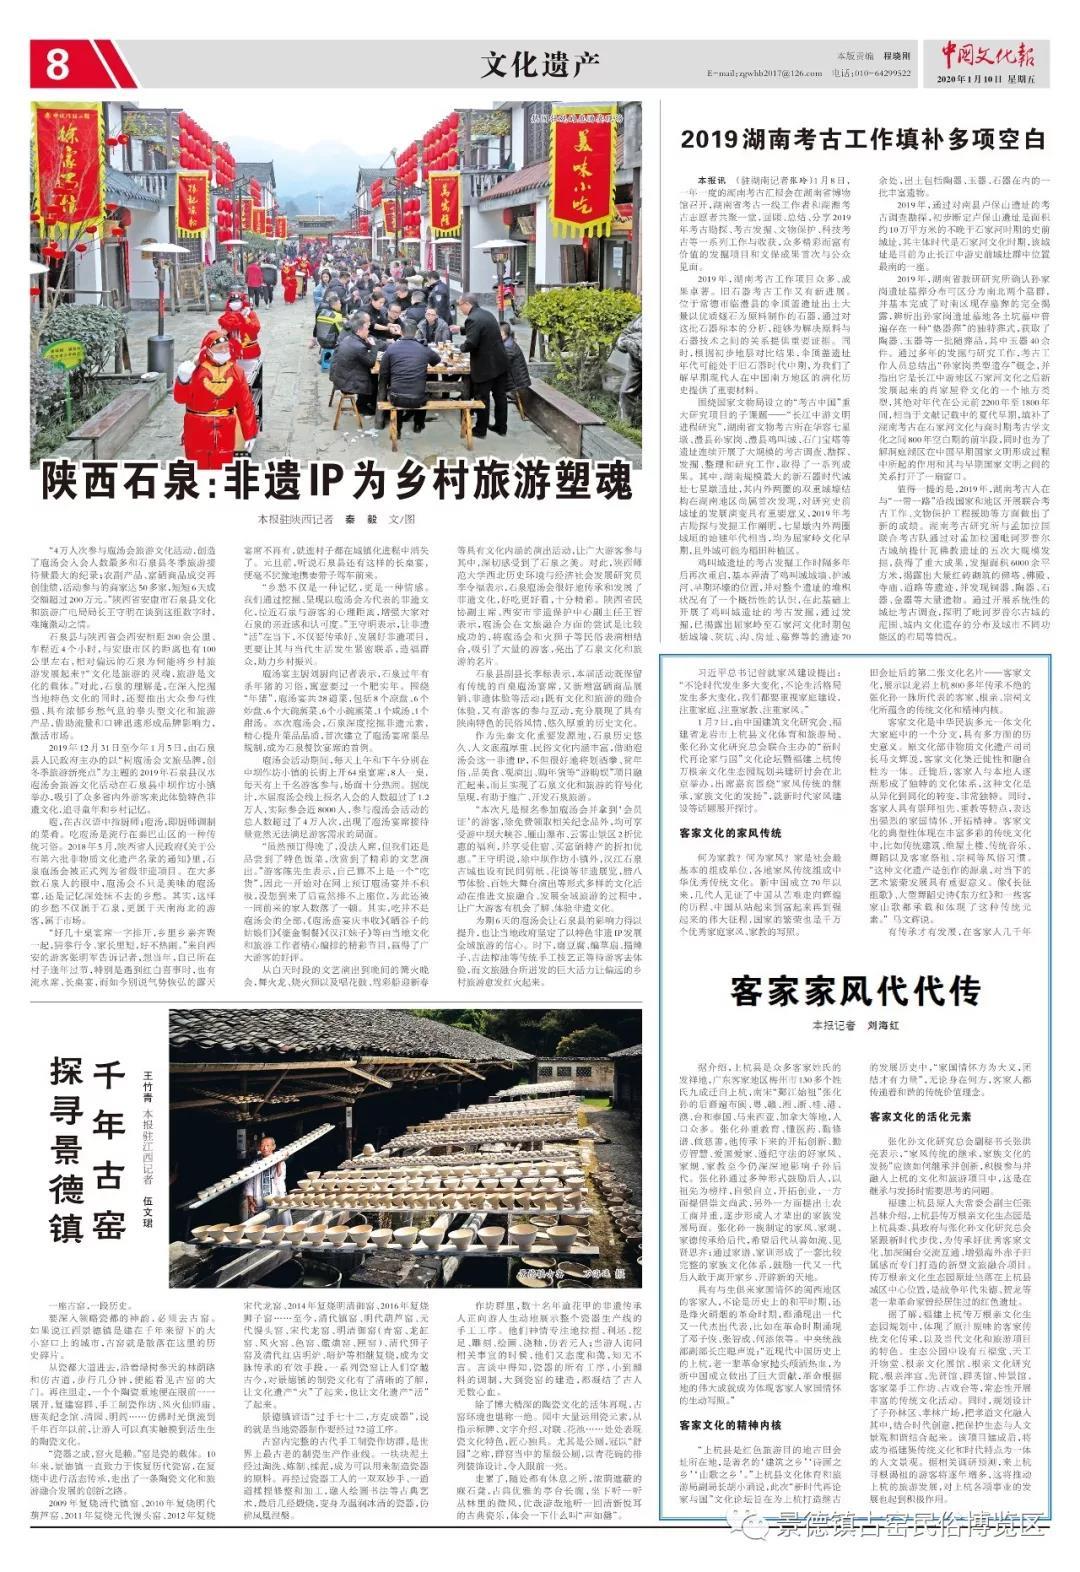 《中国文化报》带你探寻景德镇千年